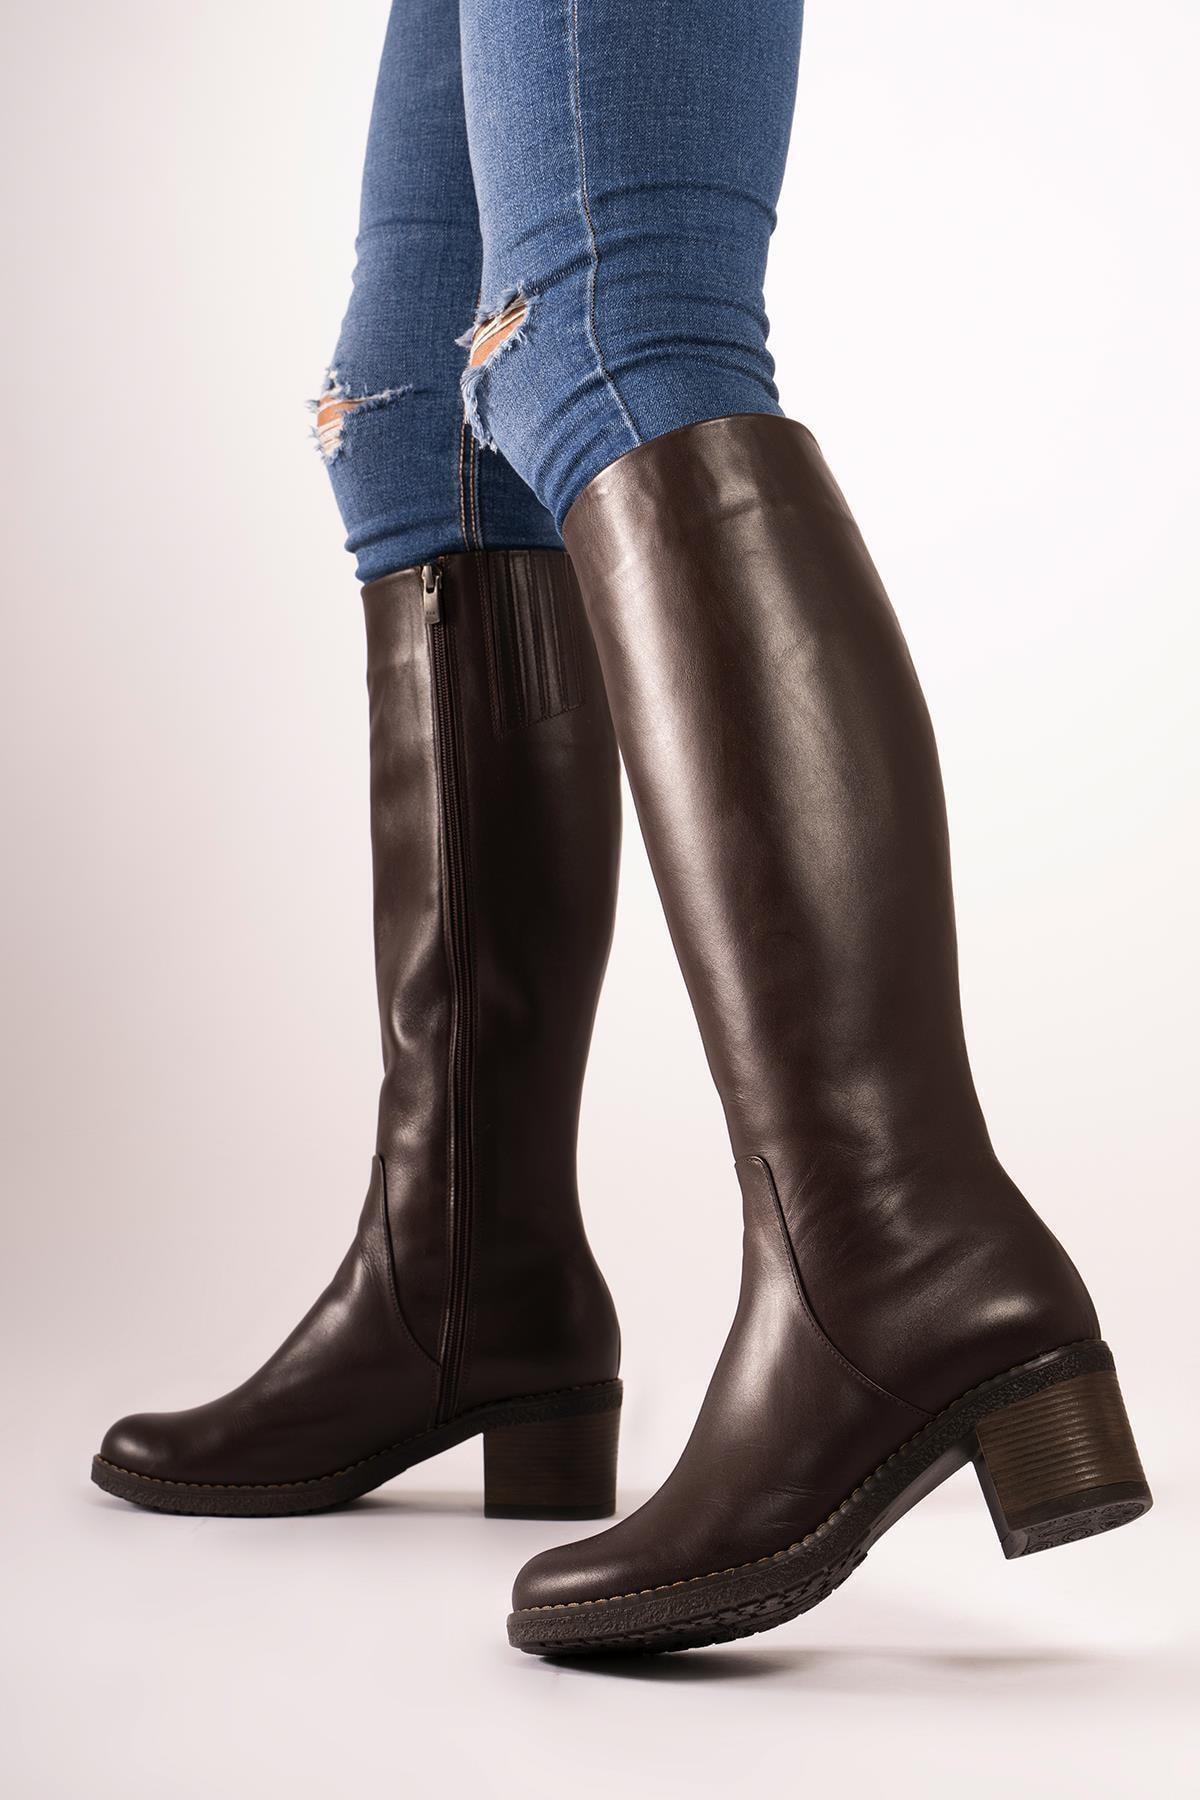 CZ London Hakiki Deri Kalın Taban Topuklu Çizme Fermuarlı Kışlık Uzun Boy 2